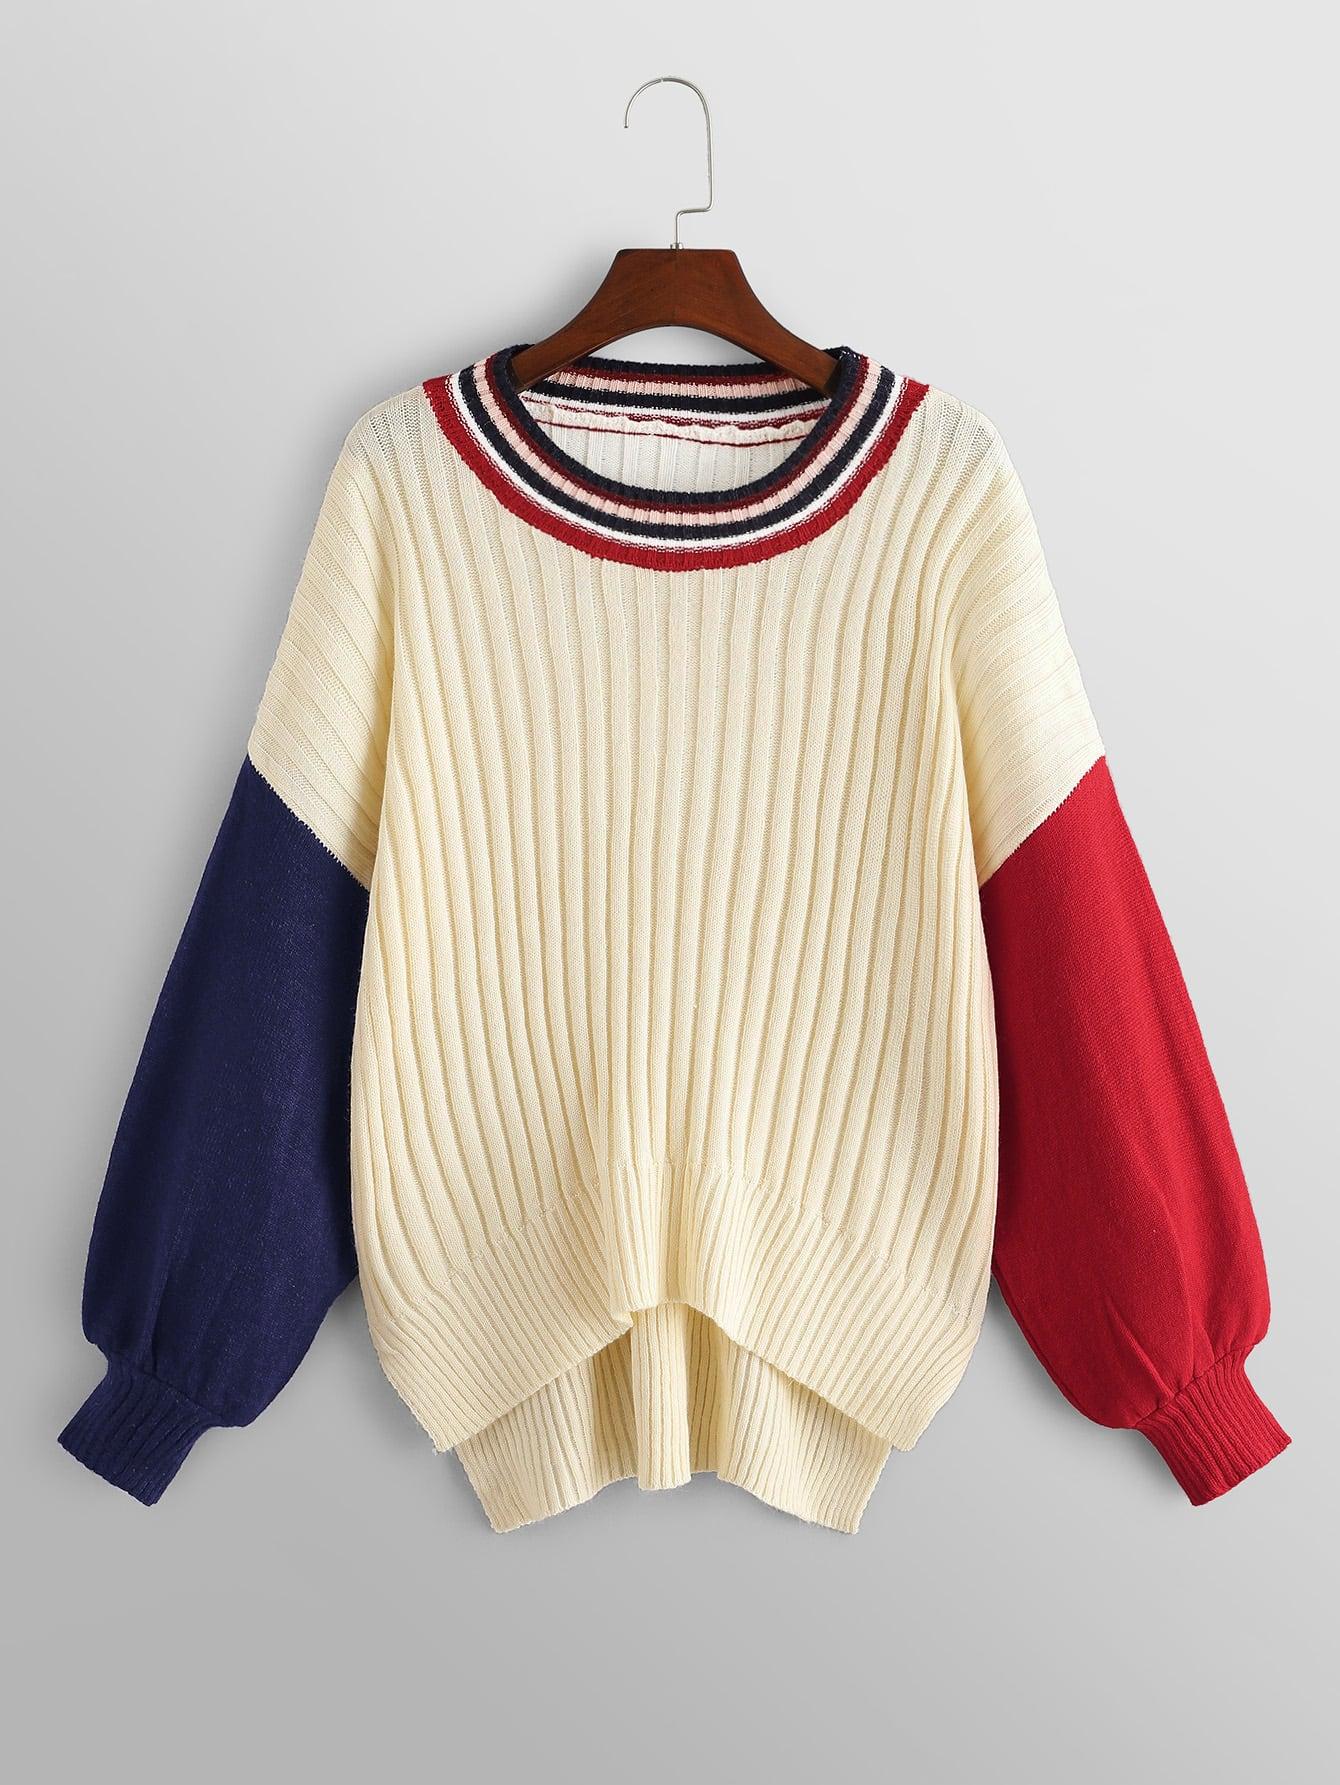 Купить Асиммеричный свитер с полосатым воротником, null, SheIn